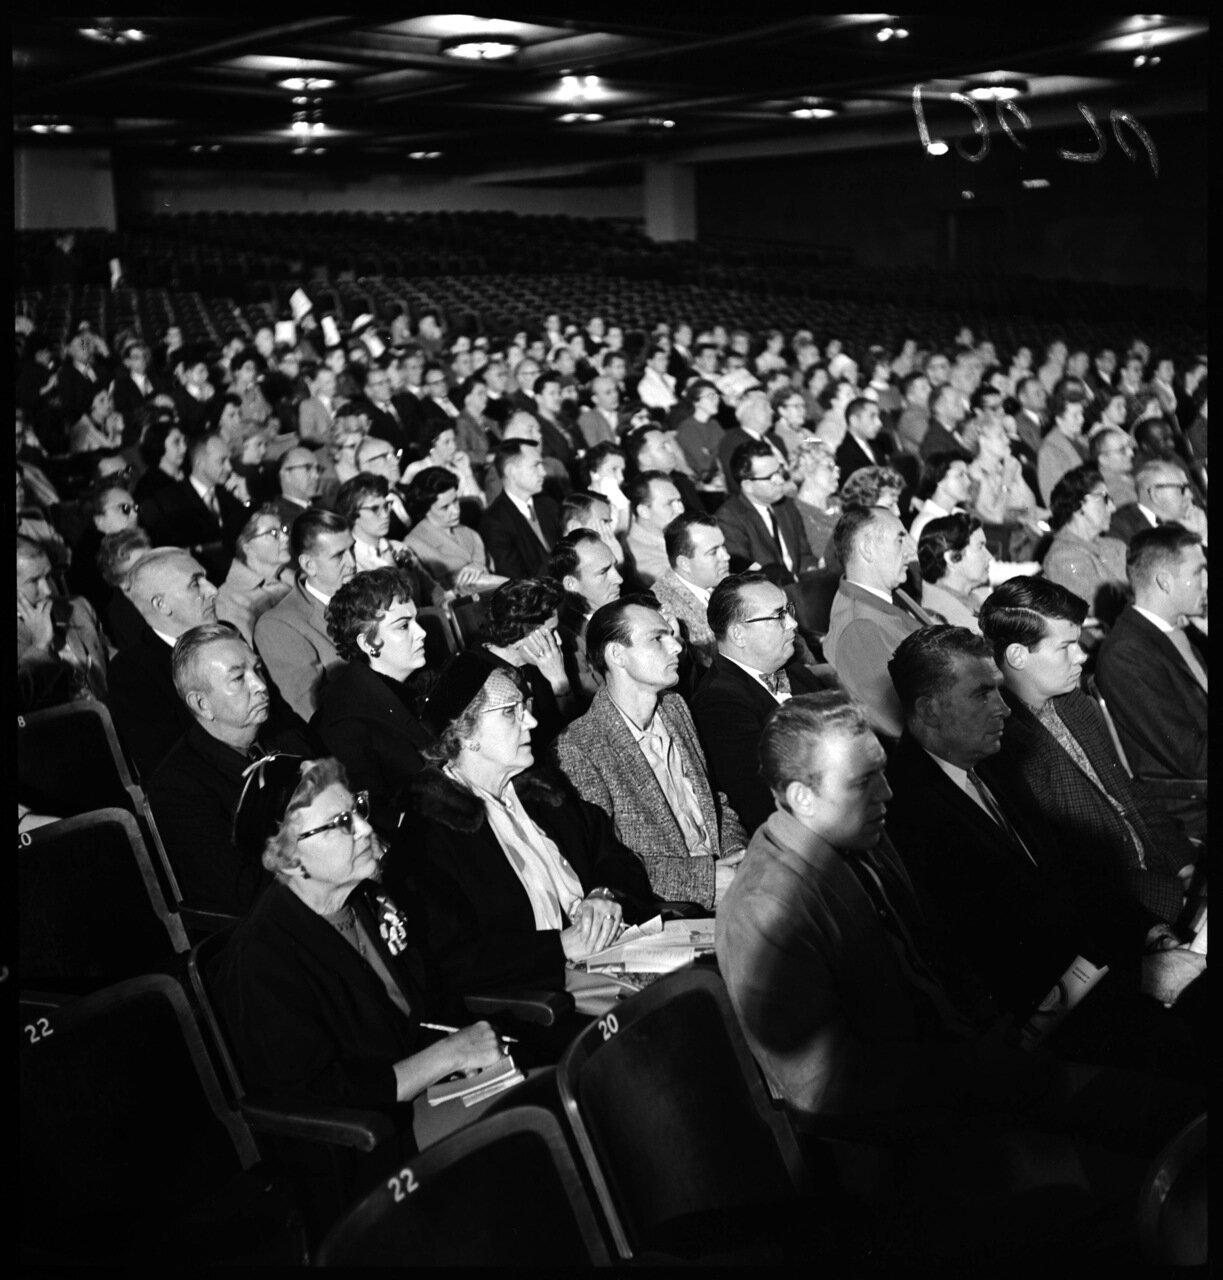 1961.12 декабря. Проект Тревога (антикоммунистическая конференция). Участники конференции